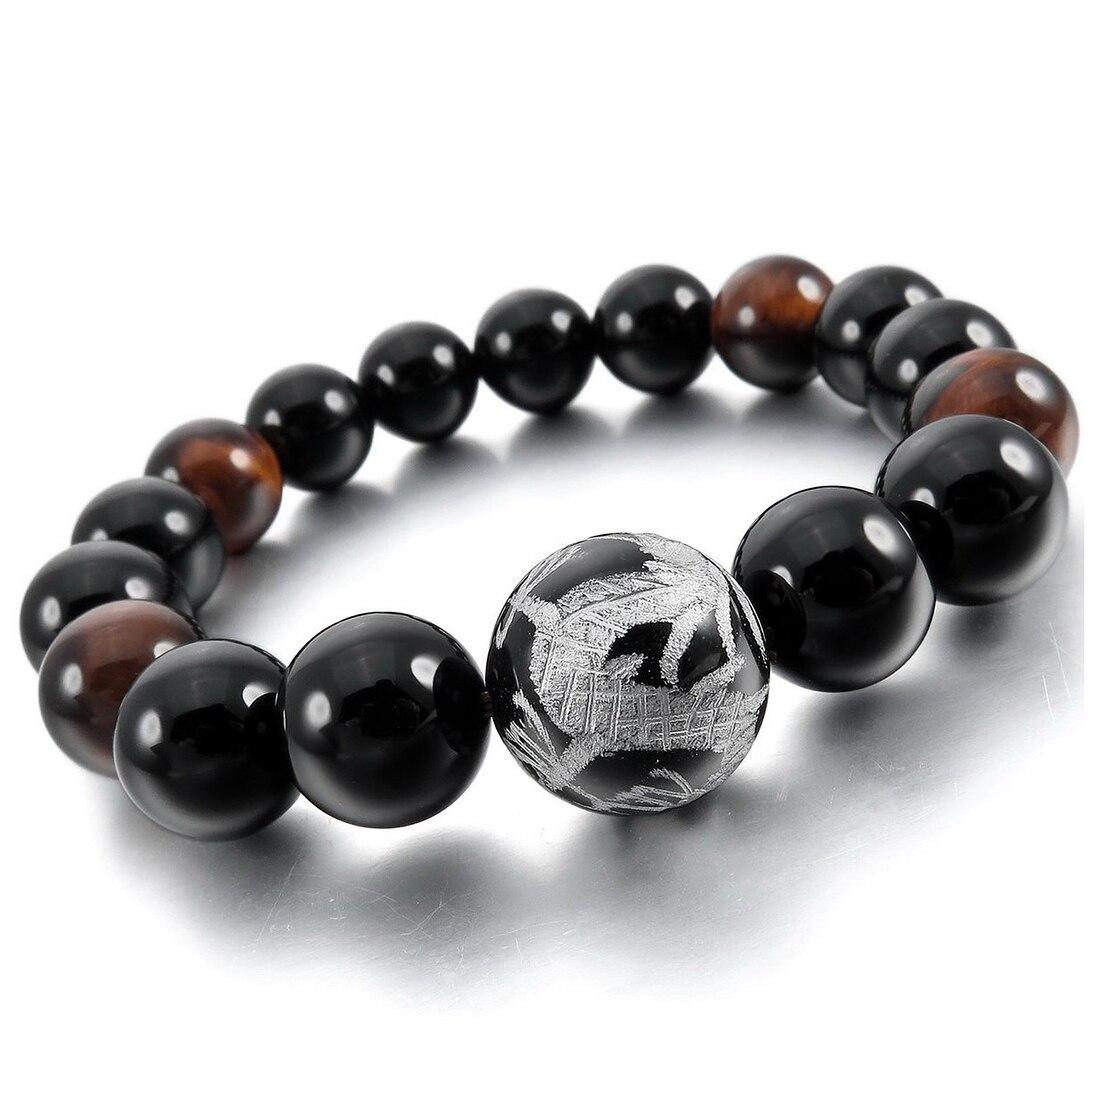 12 мм браслет наручные Connection Stone черный, серебристый цвет Дракон Будда четки из бисера мужчина, женщина